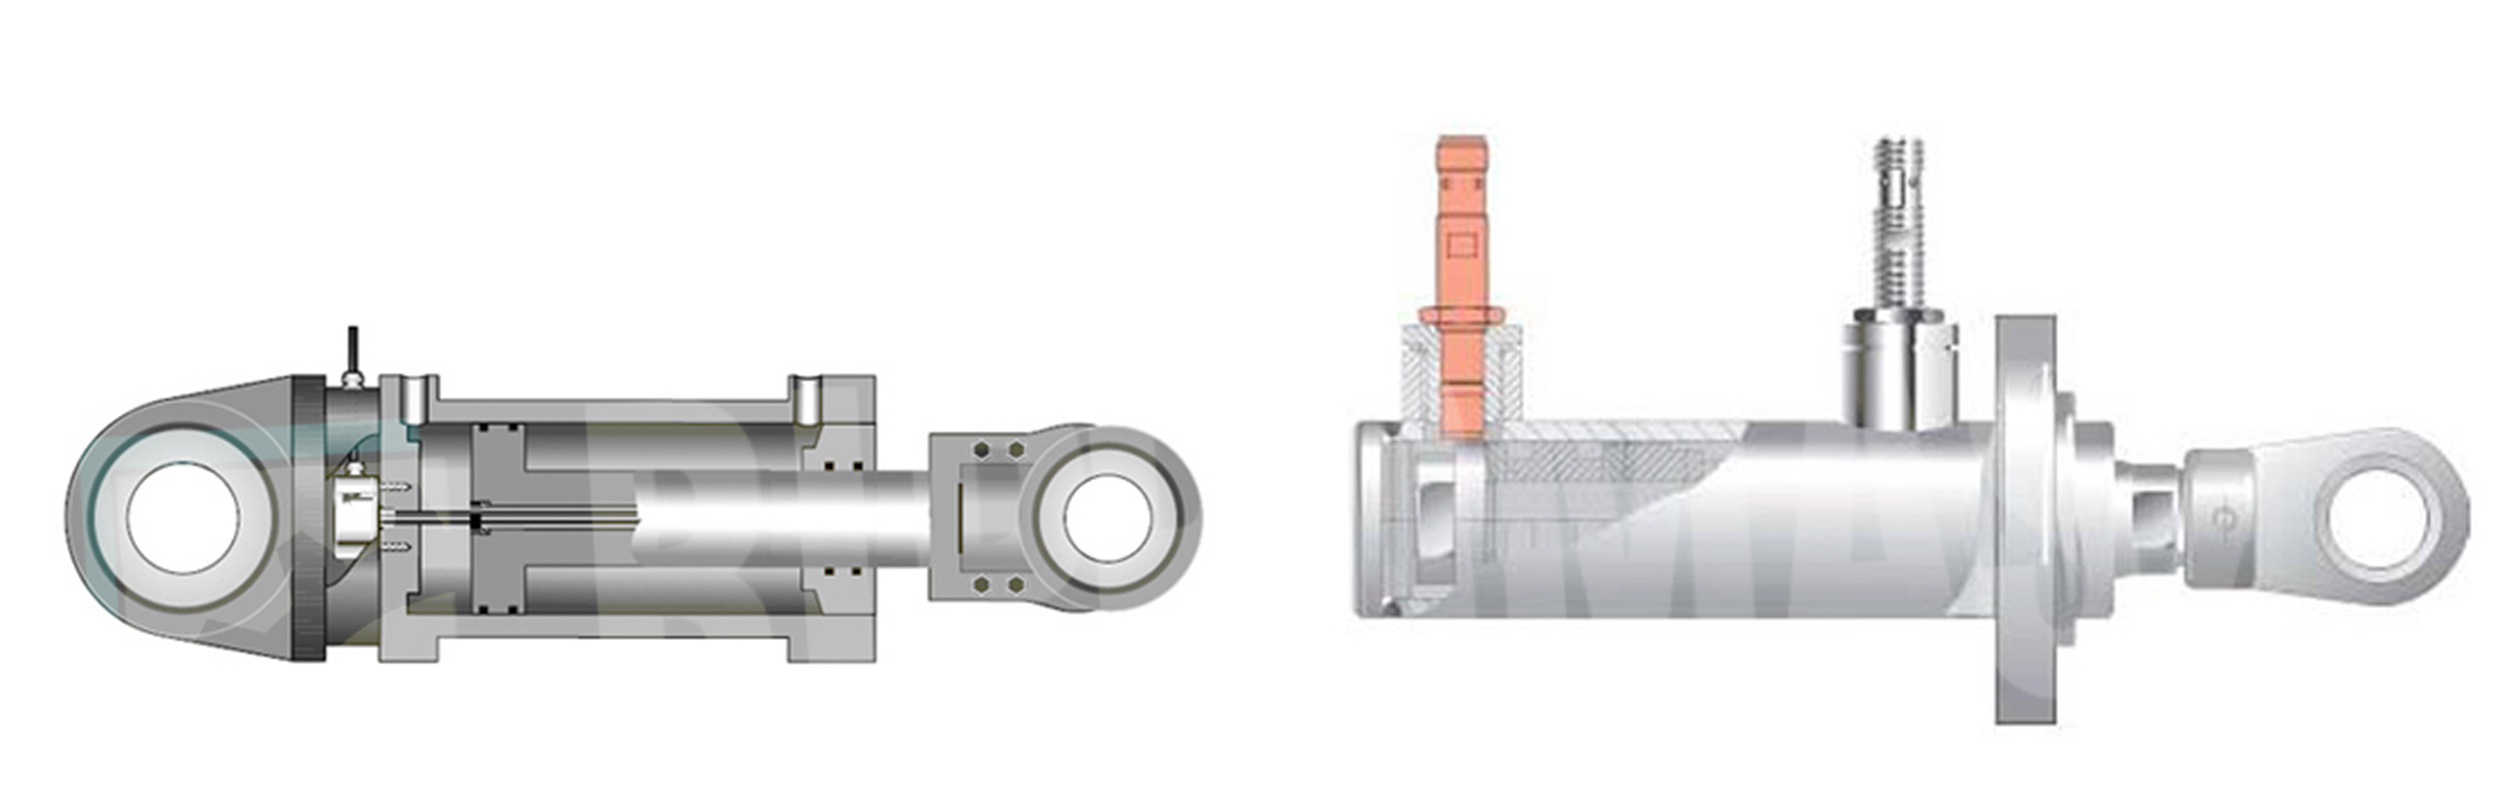 Siłowniki hydrauliczne z pomiarem położenia tłoka produkcji firmy Bipromasz